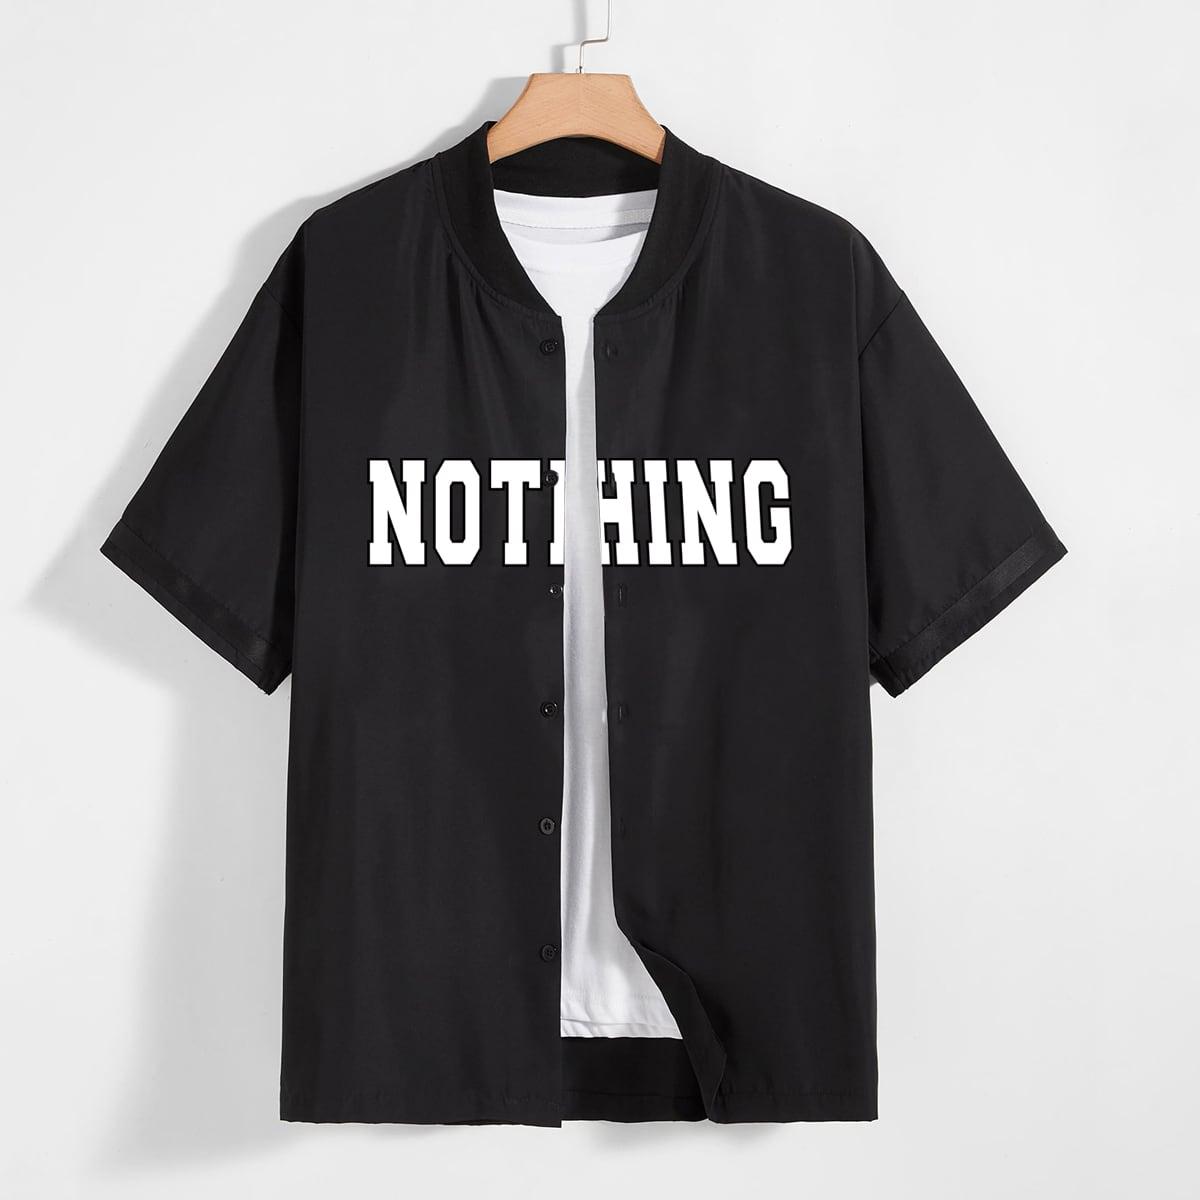 1шт Мужская рубашка с текстовым рисунком